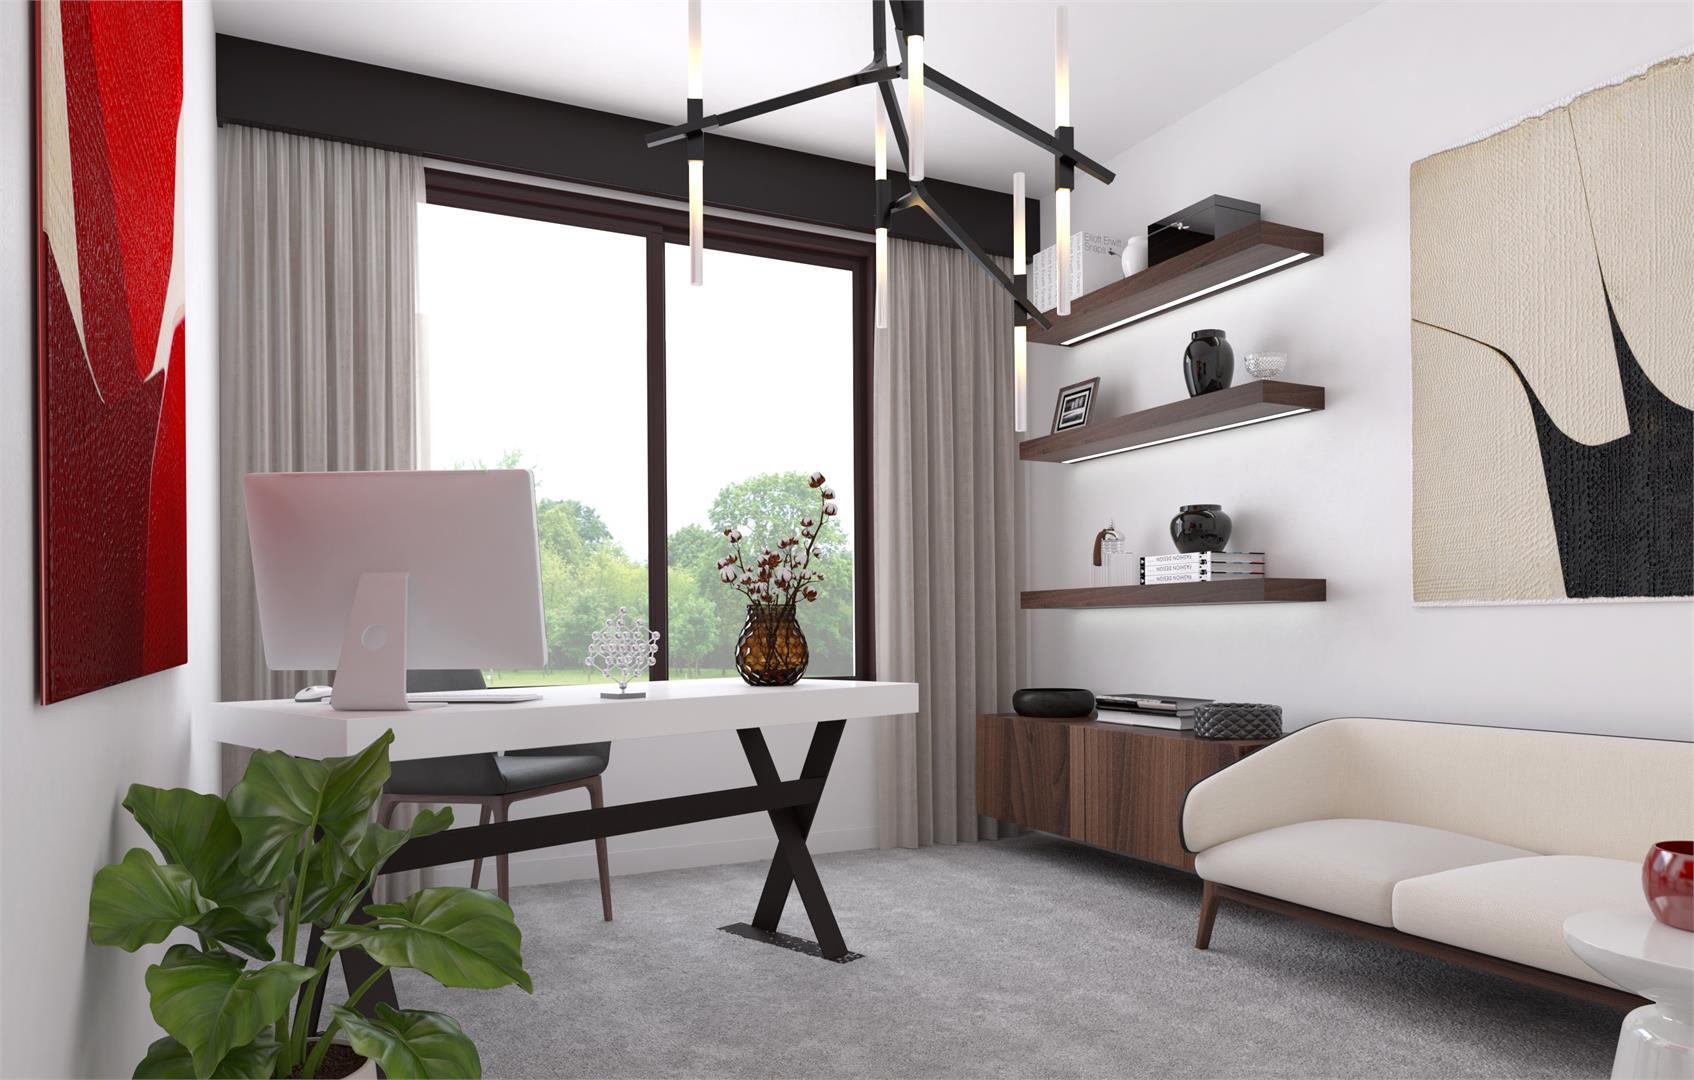 Urbana - Midrise Condominium Residences Doral